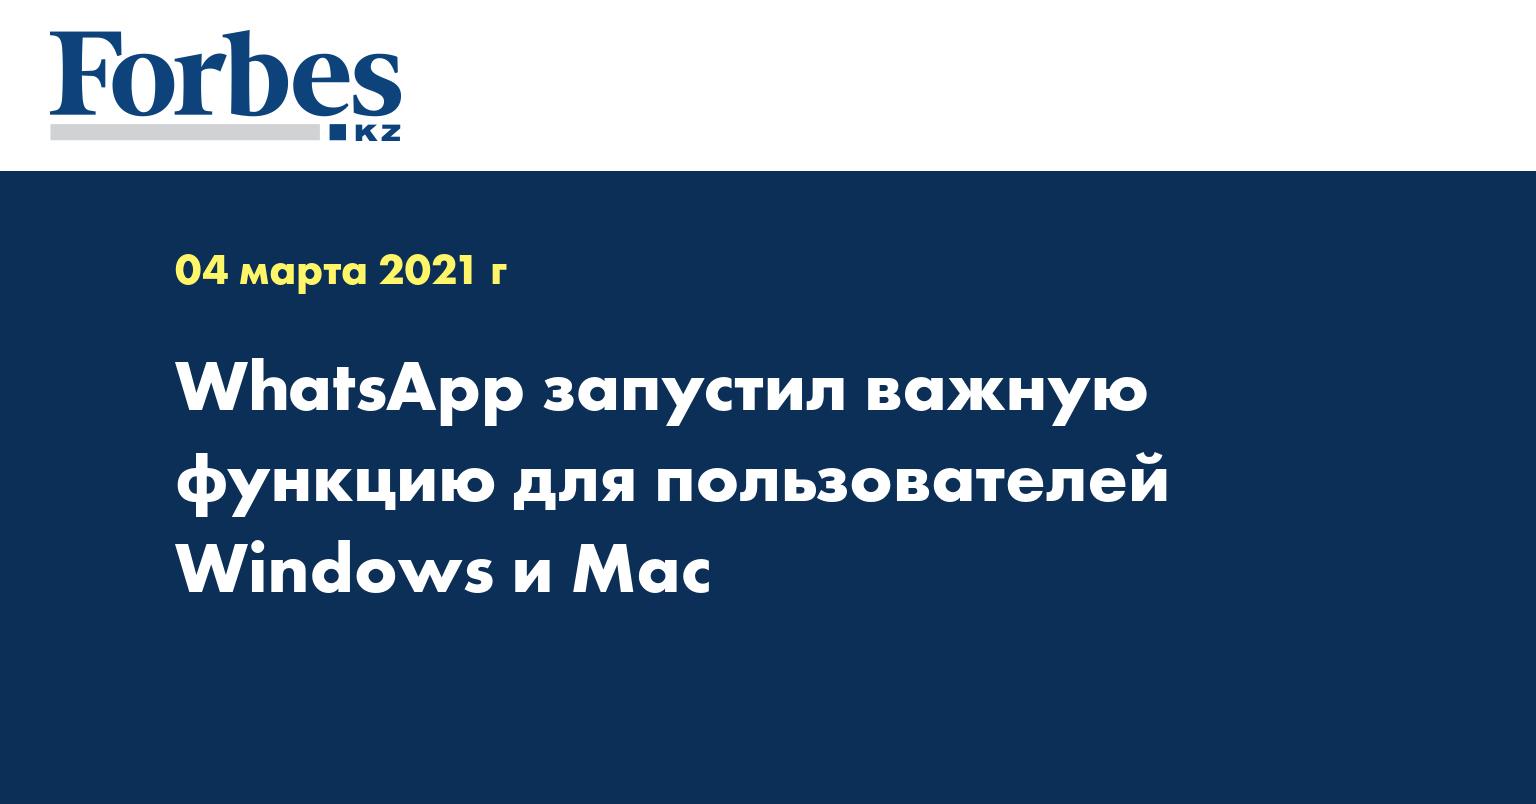 WhatsApp запустил важную функцию для пользователей Windows и Mac